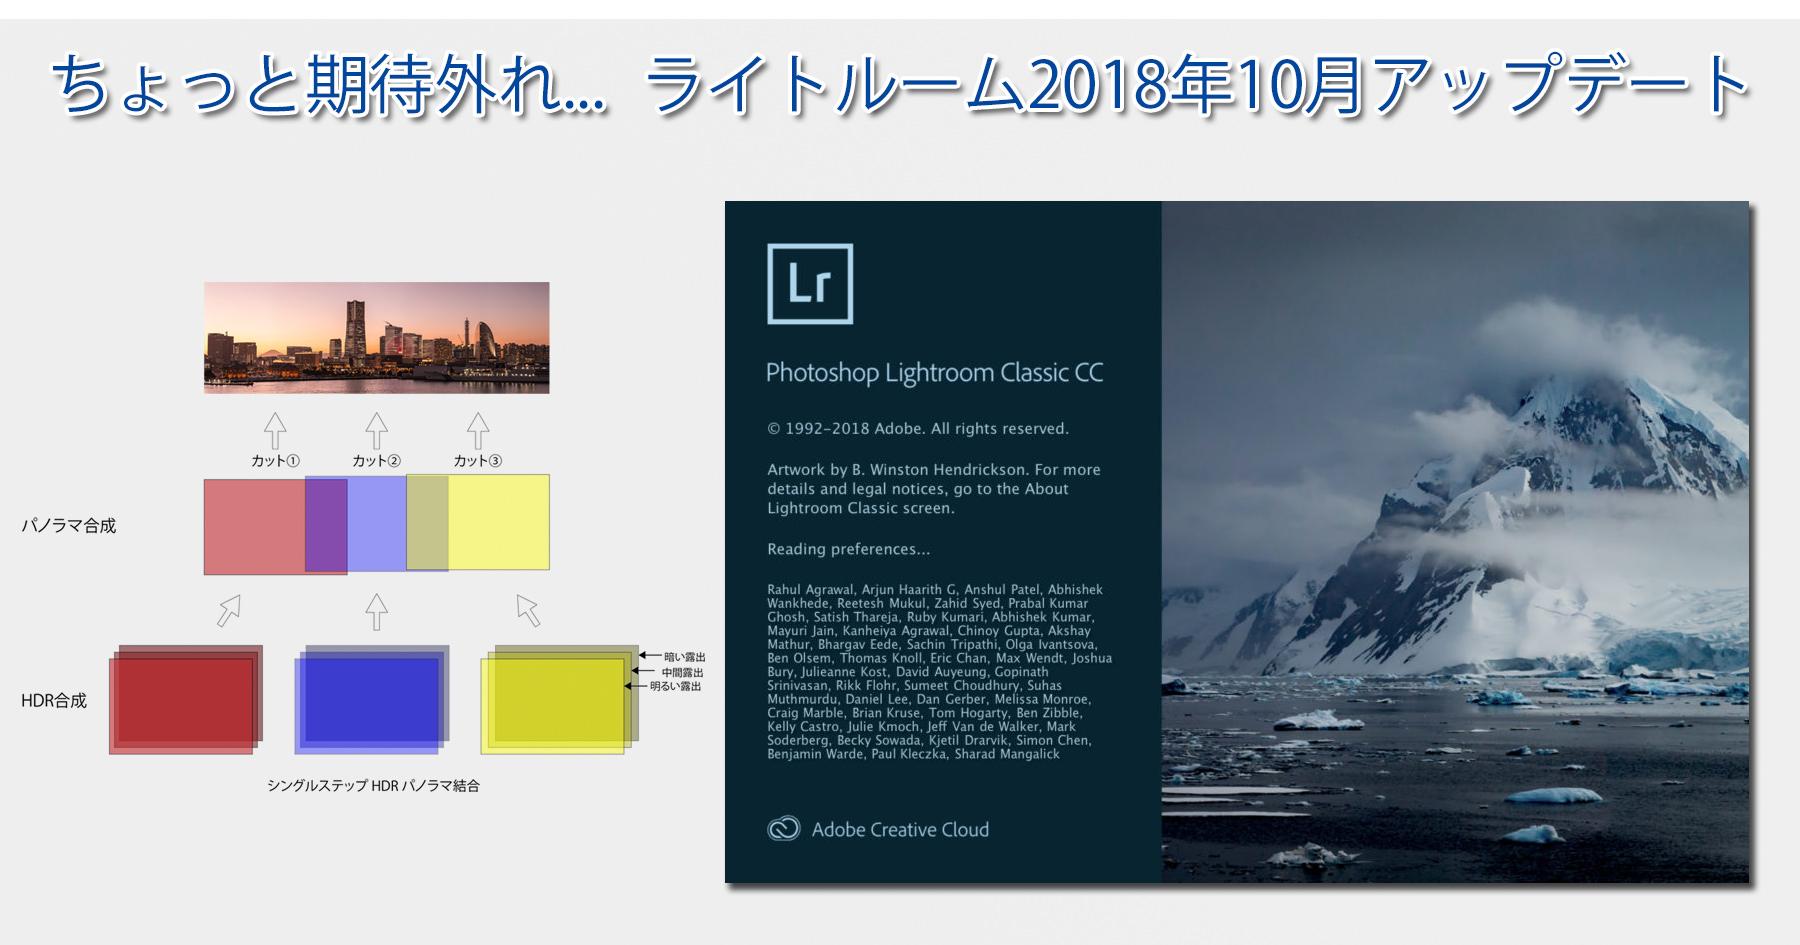 LR2018年10月アップデート-Main3